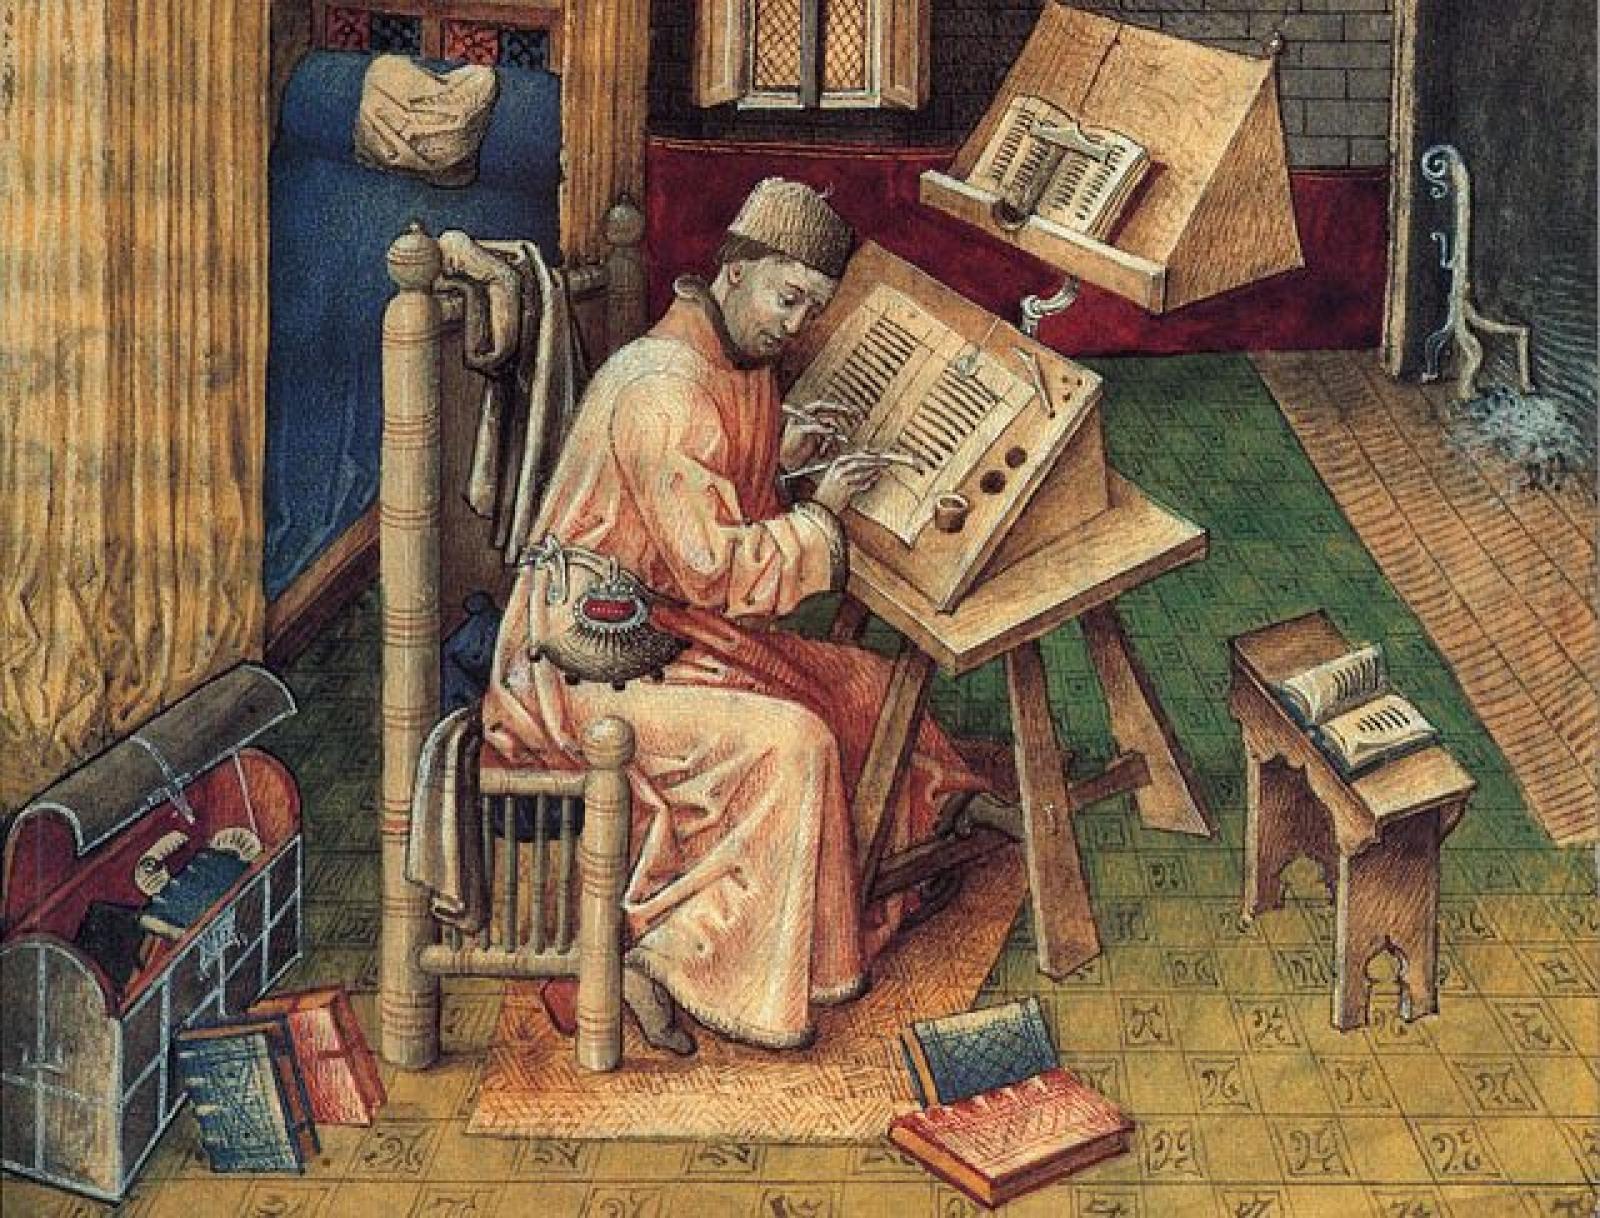 Создать огромный отчёт для того, чтобы получить возможность идальше бесплатно работать во благо науки— что может быть лучше для желающего практиковать смирение?